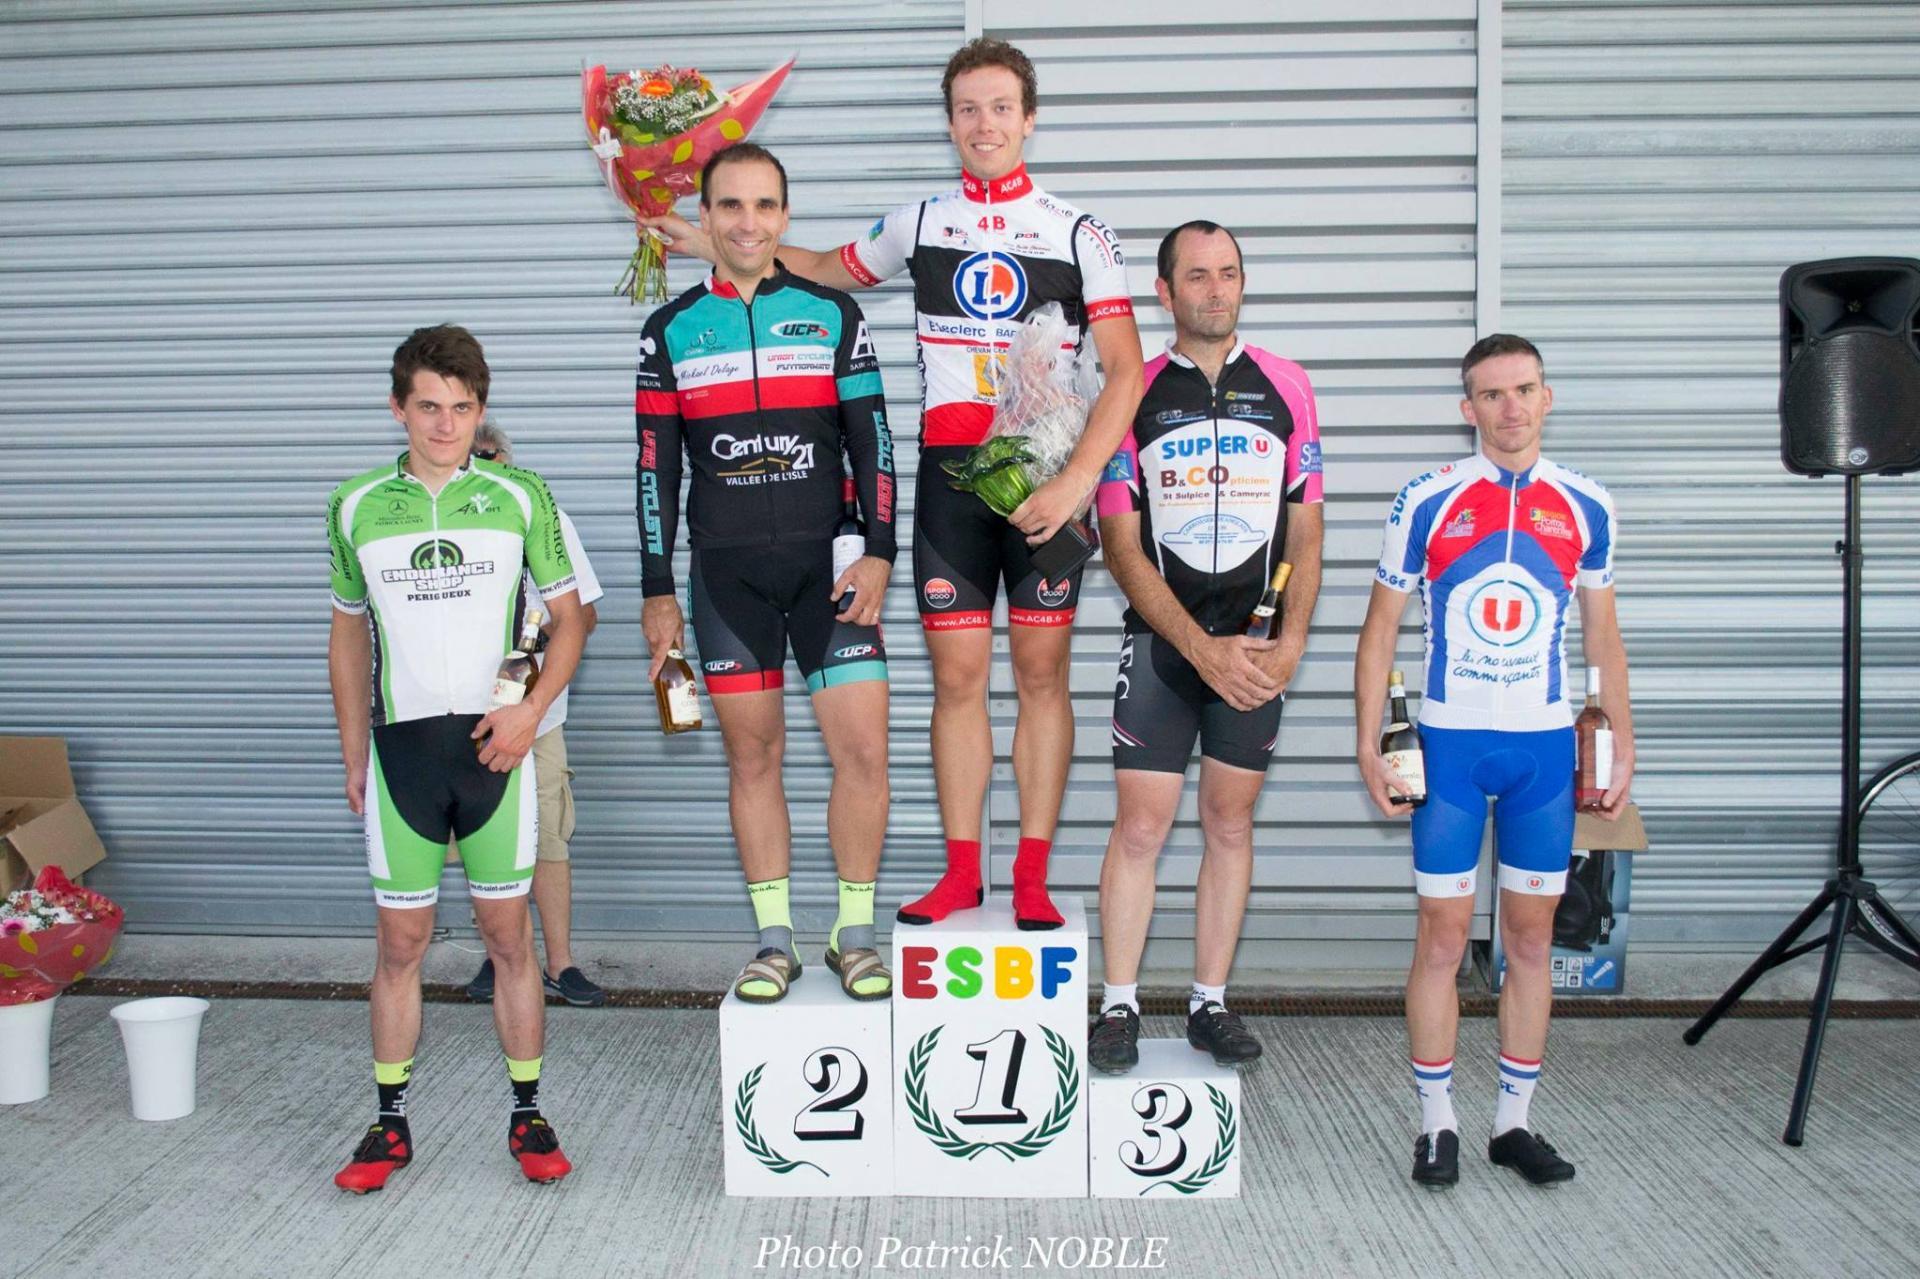 Le 17/06/17  LA GENETOUZE(17)  Pôle Mécanique Haute Saintonge .Victoire de Quentin Marcadier (AC4B) en 2 ème cat avec cette victoire monte en 1 ère cat.